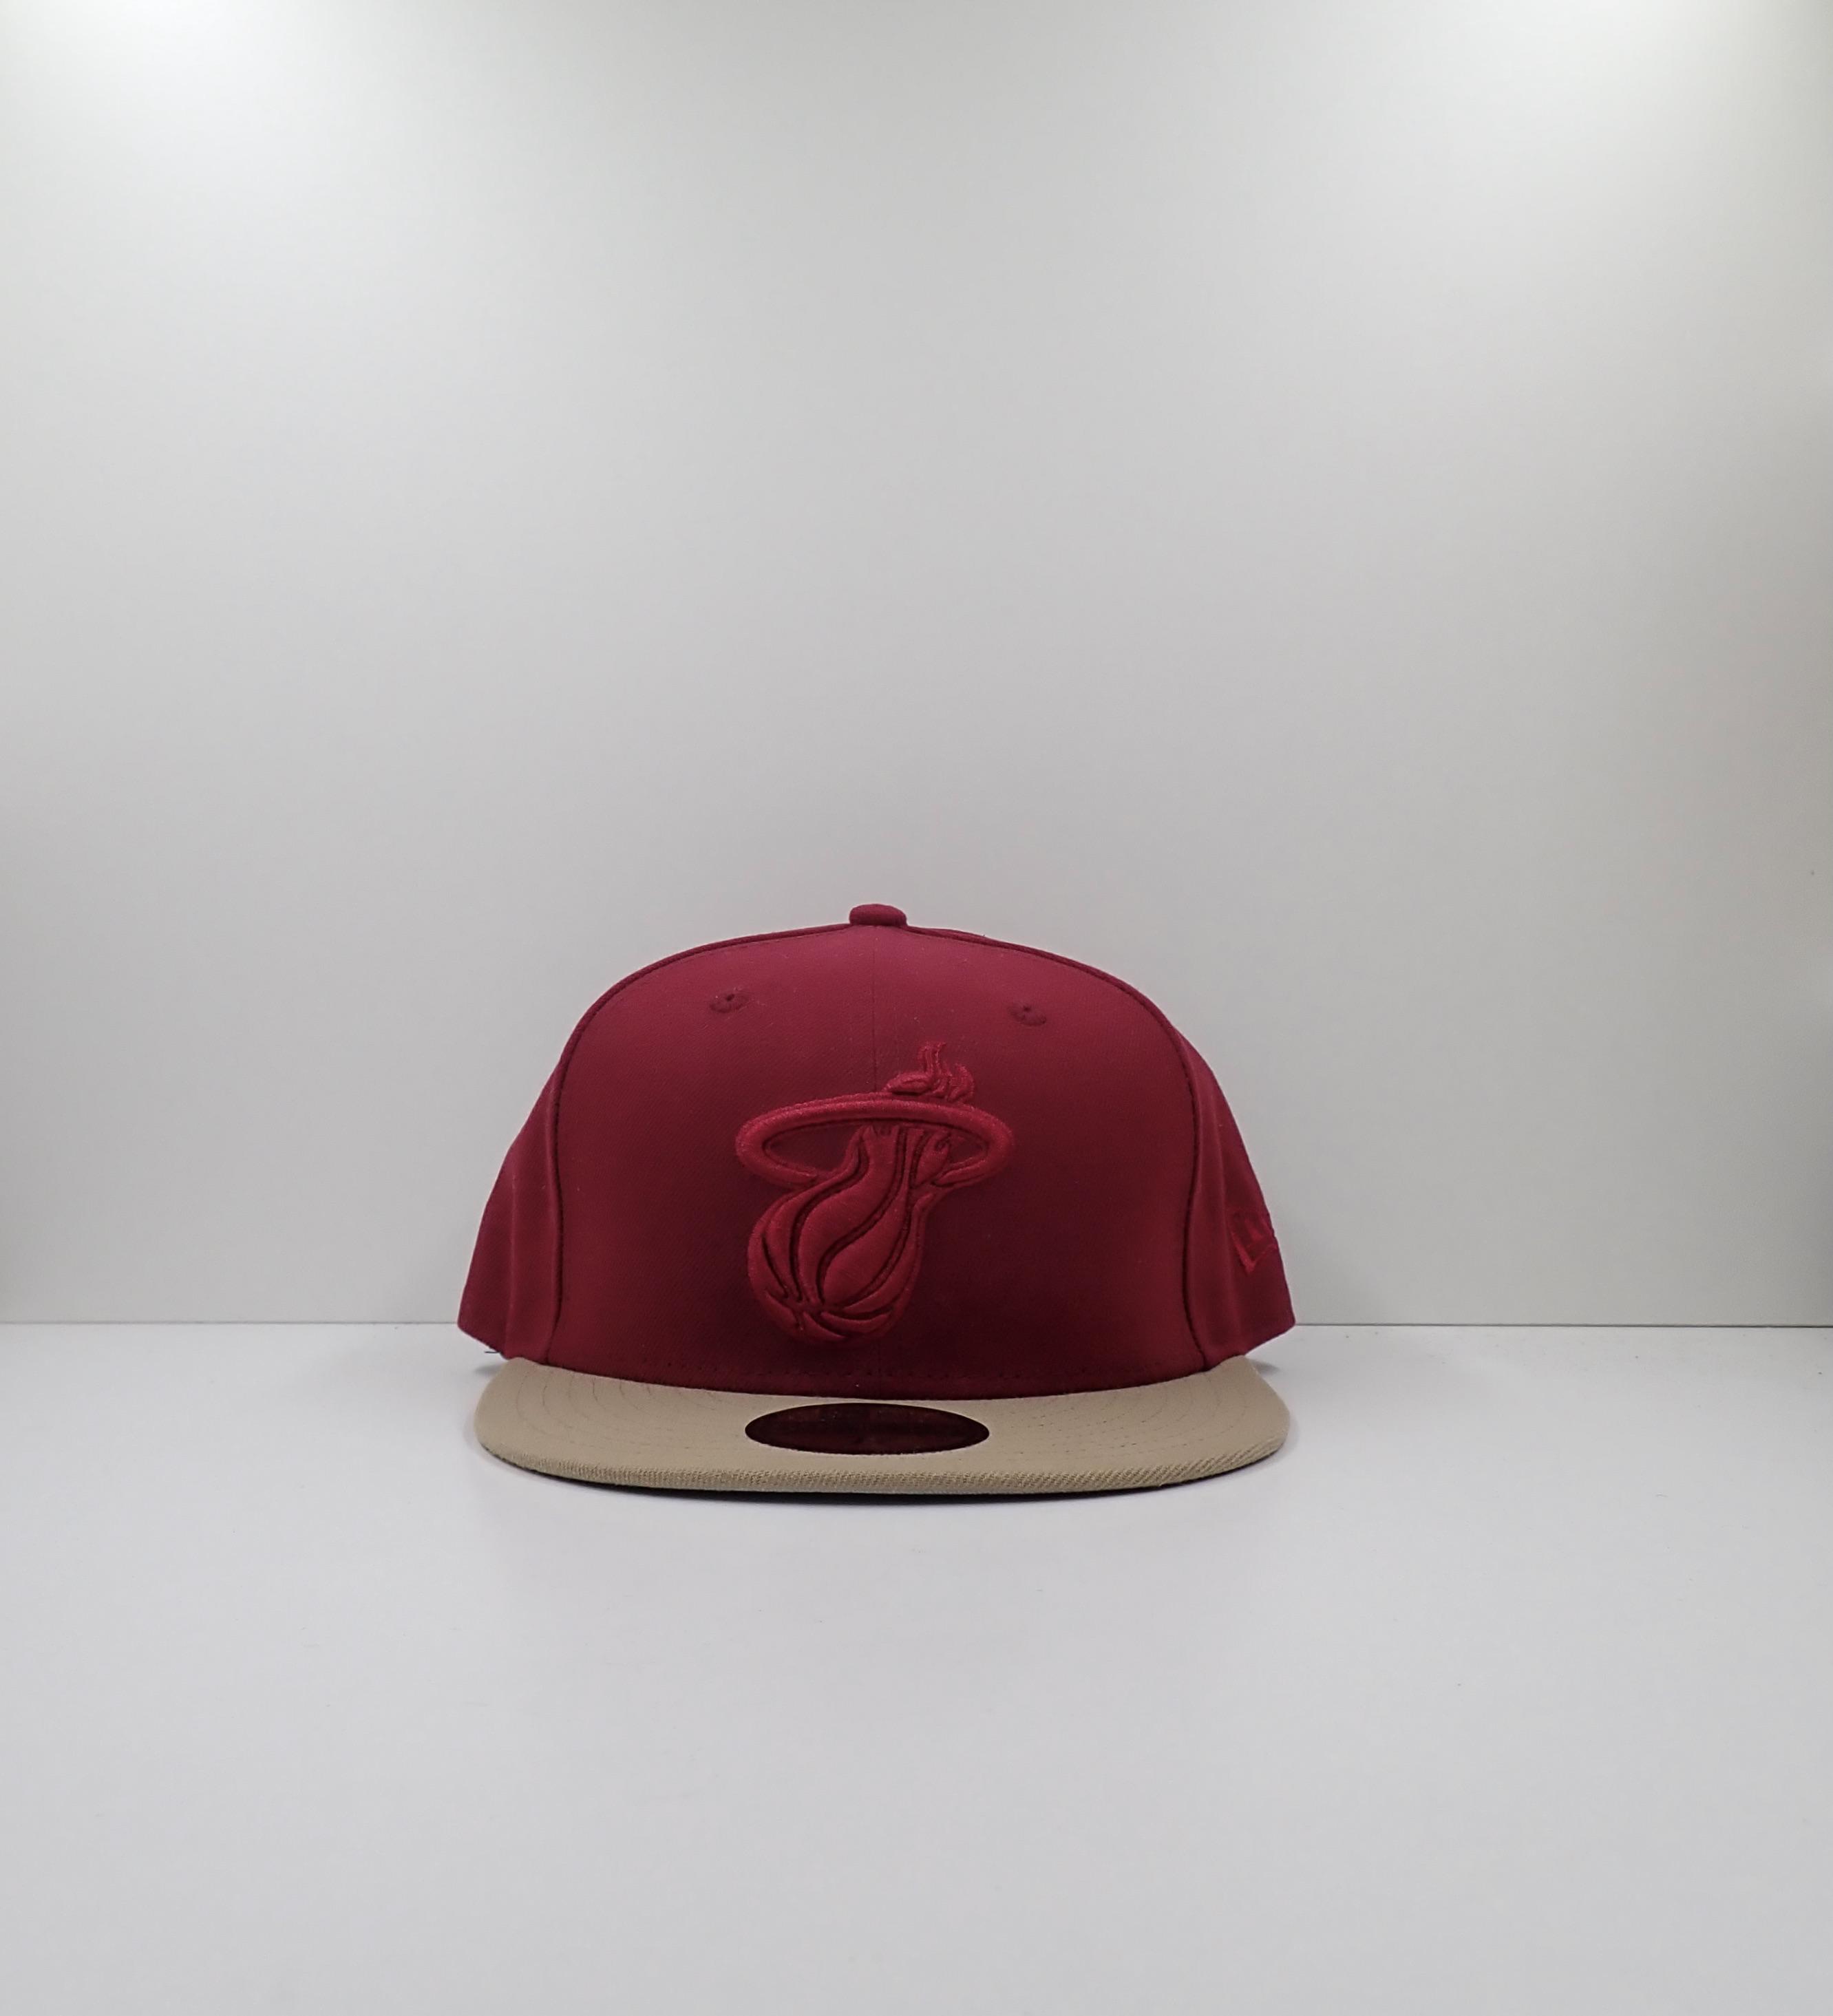 New Era Miami Heat Cap